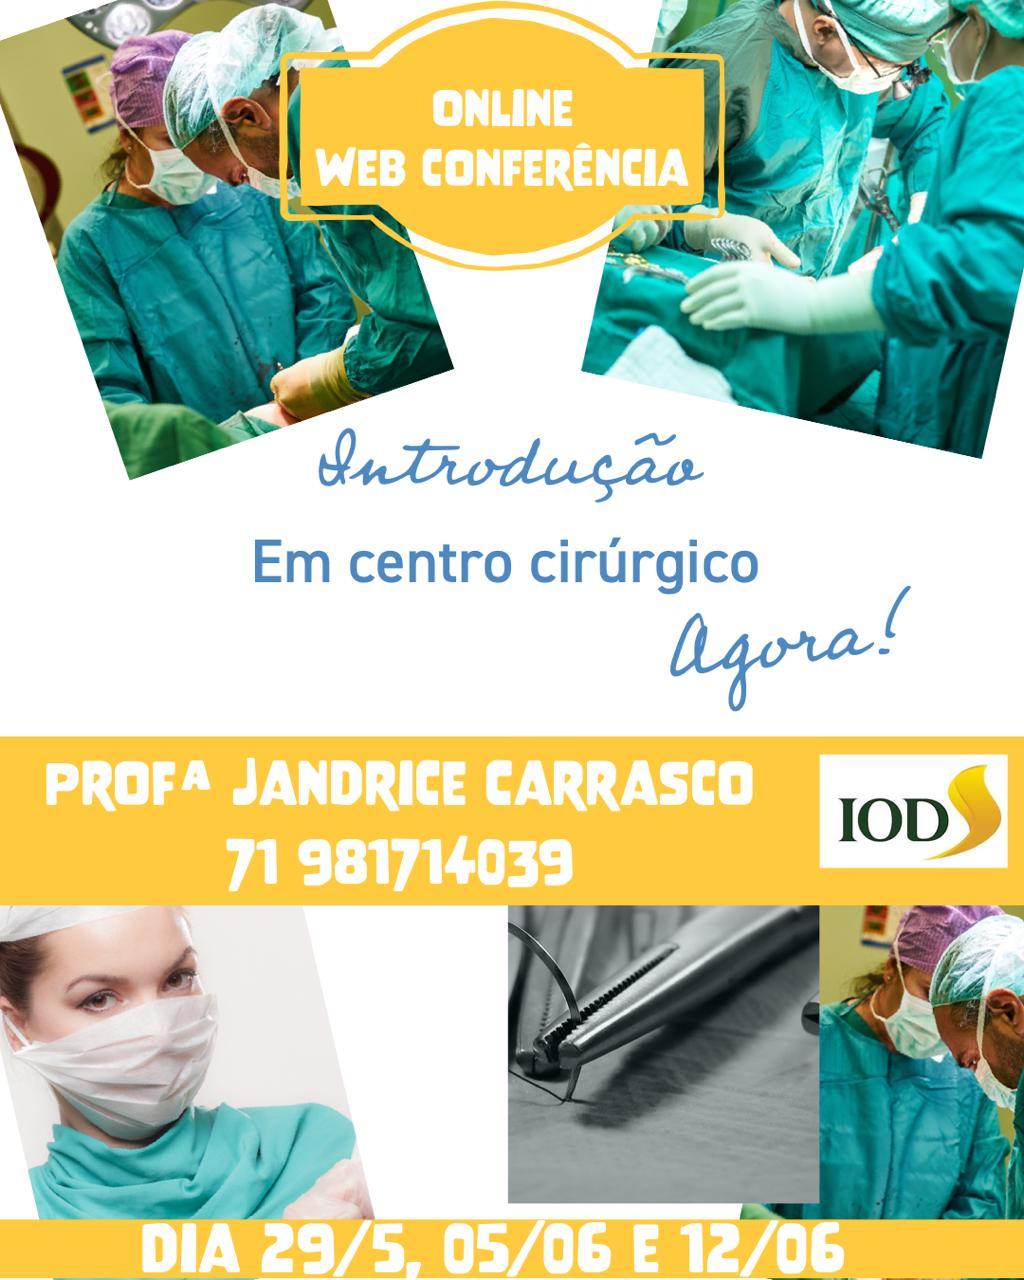 Centro%20cirurgico